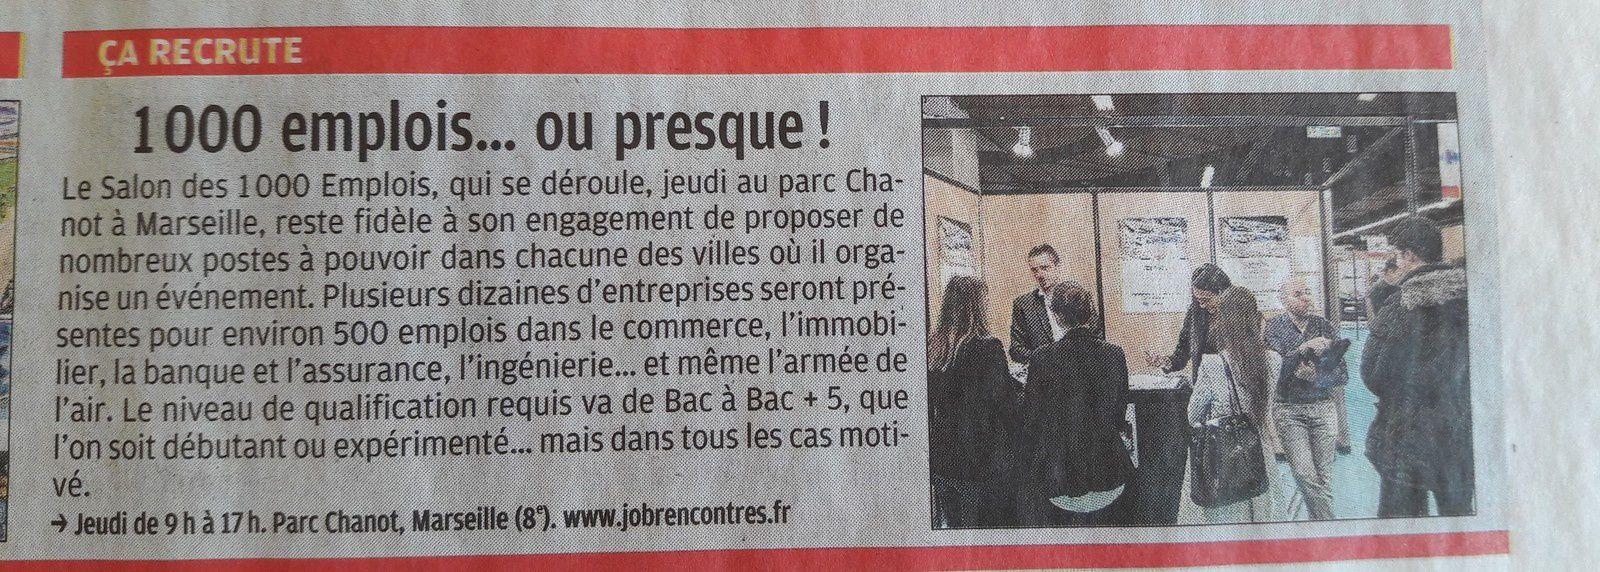 Salon des 1000 emplois jeudi 22 fevrier au parc chanot for Salon parc chanot